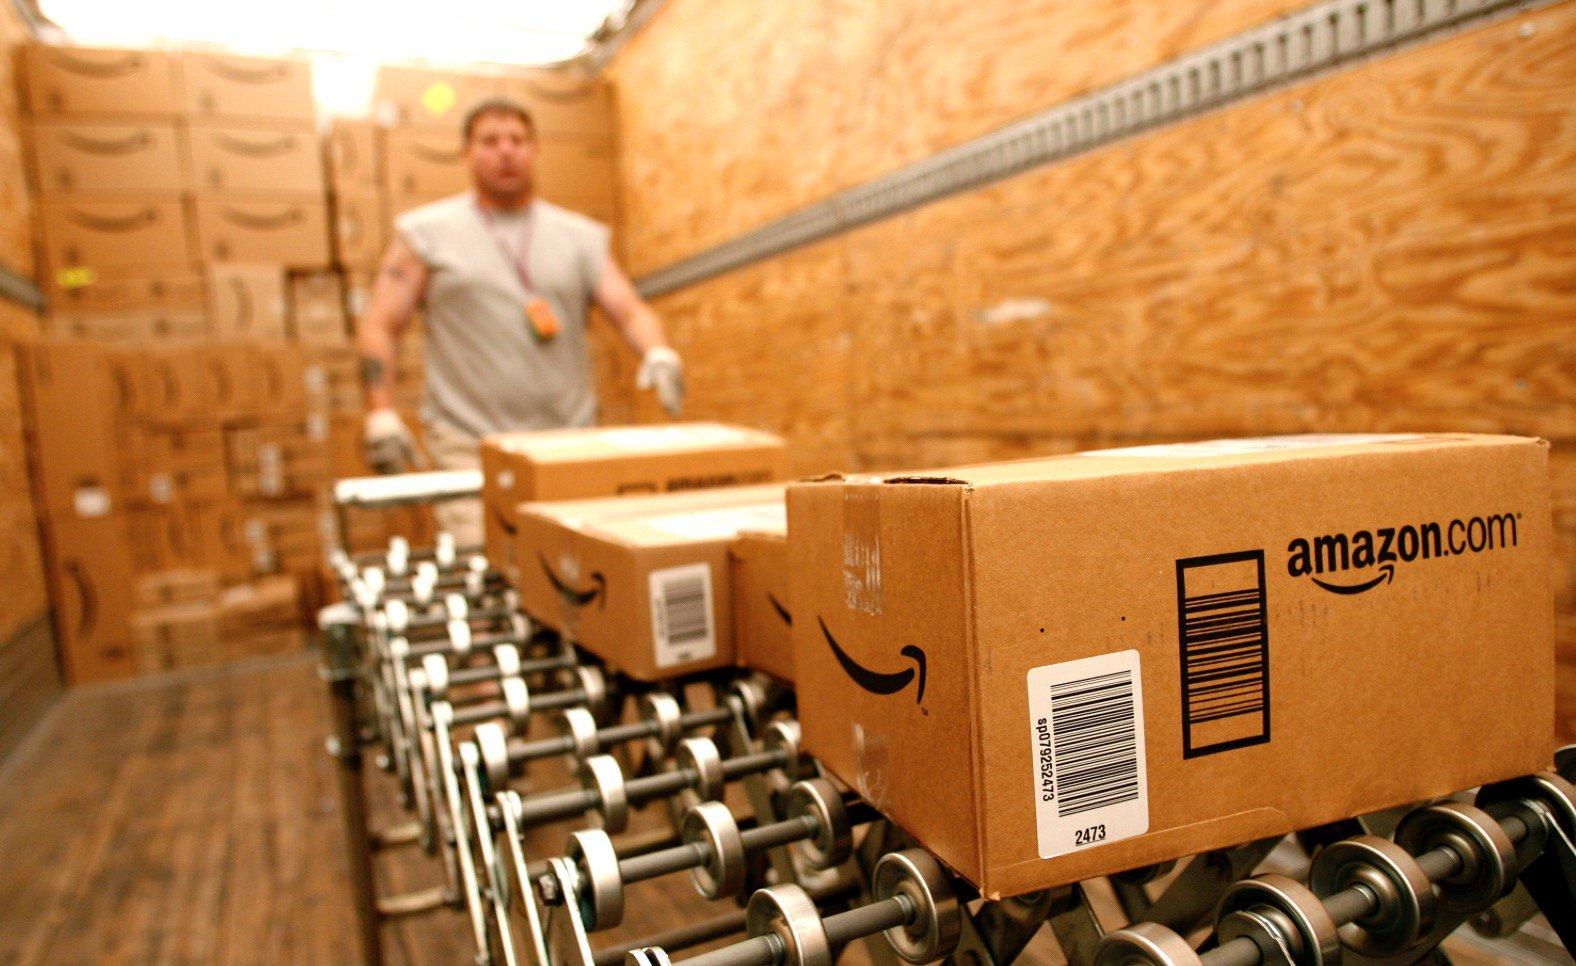 Ferte Di Lavoro Amazon Roma 2016 Nuovi Posti E Posizioni Aperte